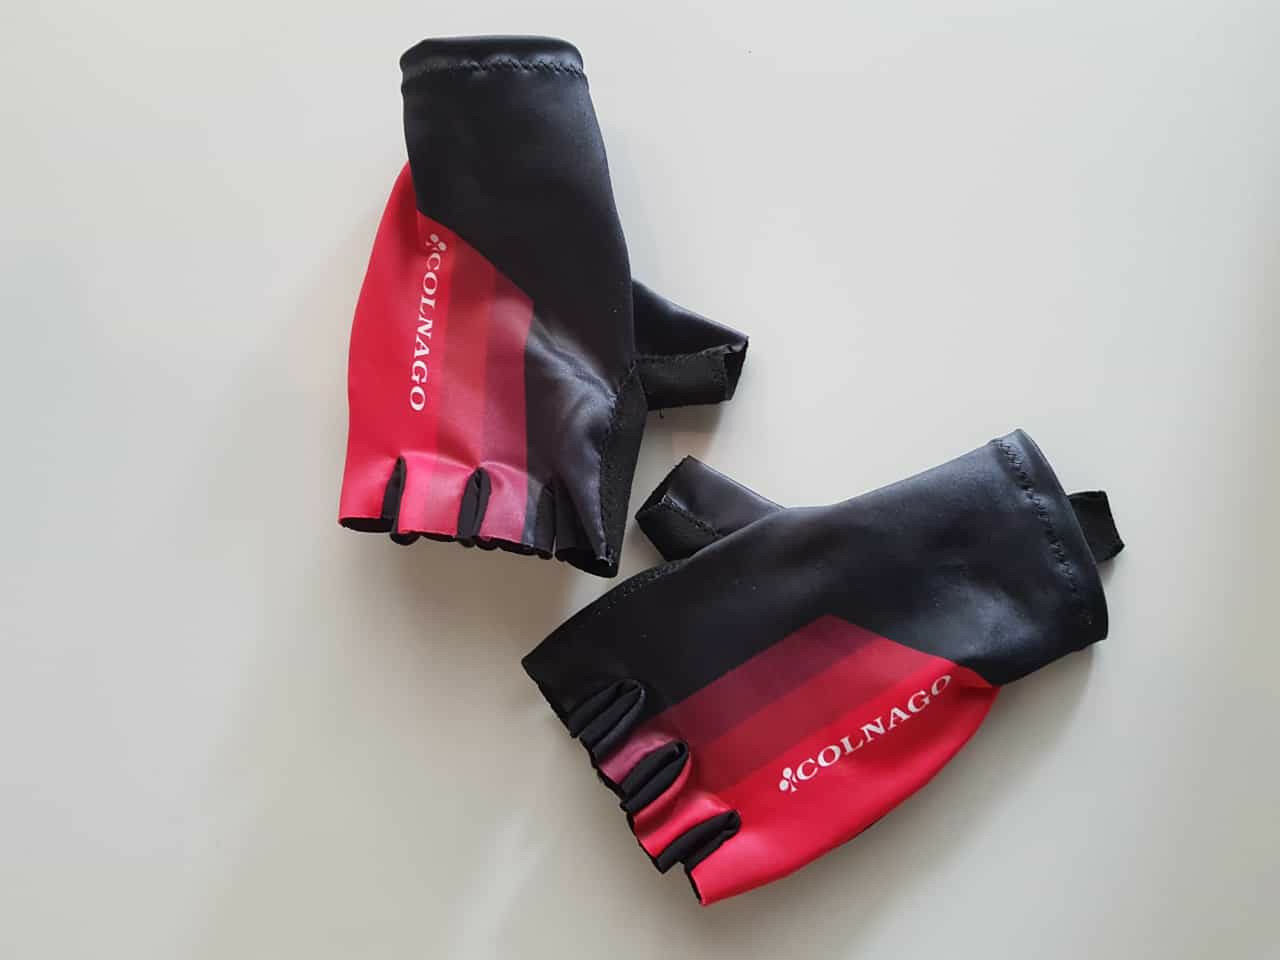 Handschuhe COLNAGO MASTER noir rot Größe XL XL Größe 0b0280